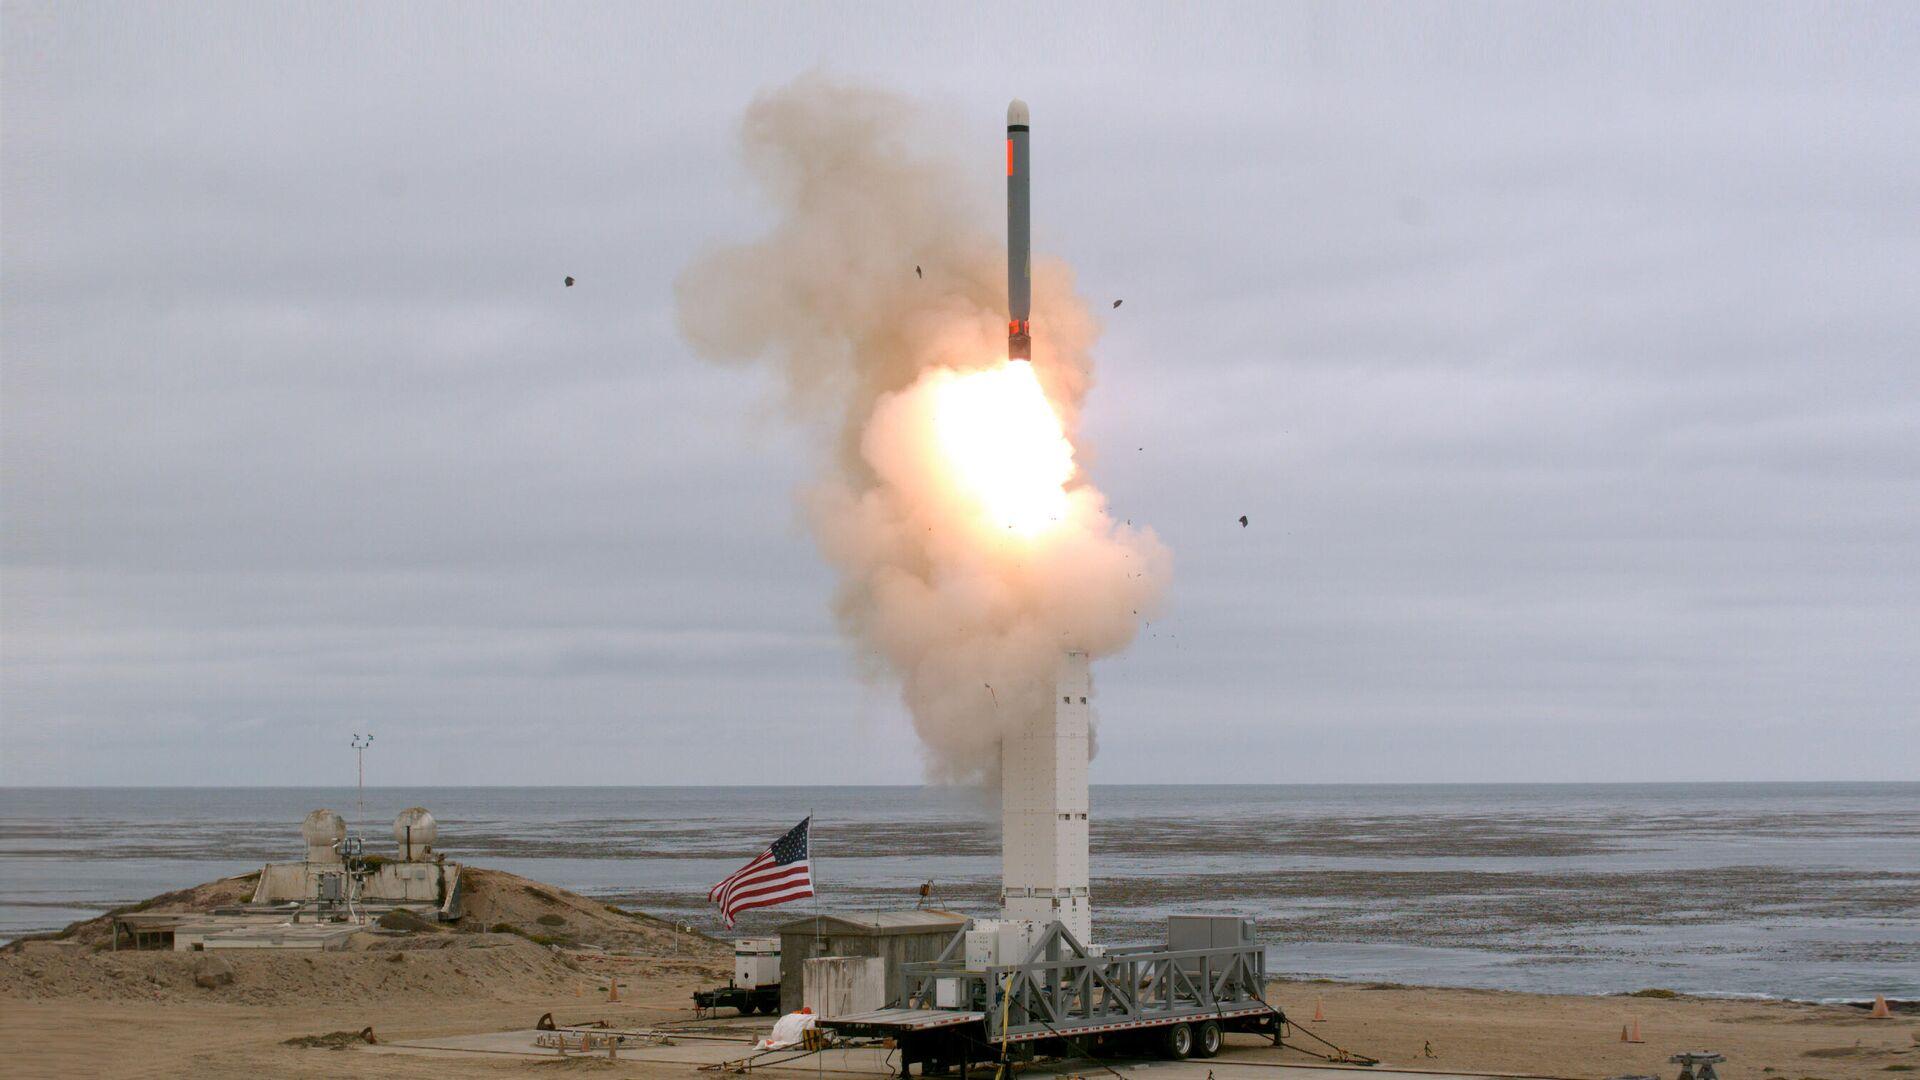 Запуск американской крылатой ракеты - РИА Новости, 1920, 19.09.2020